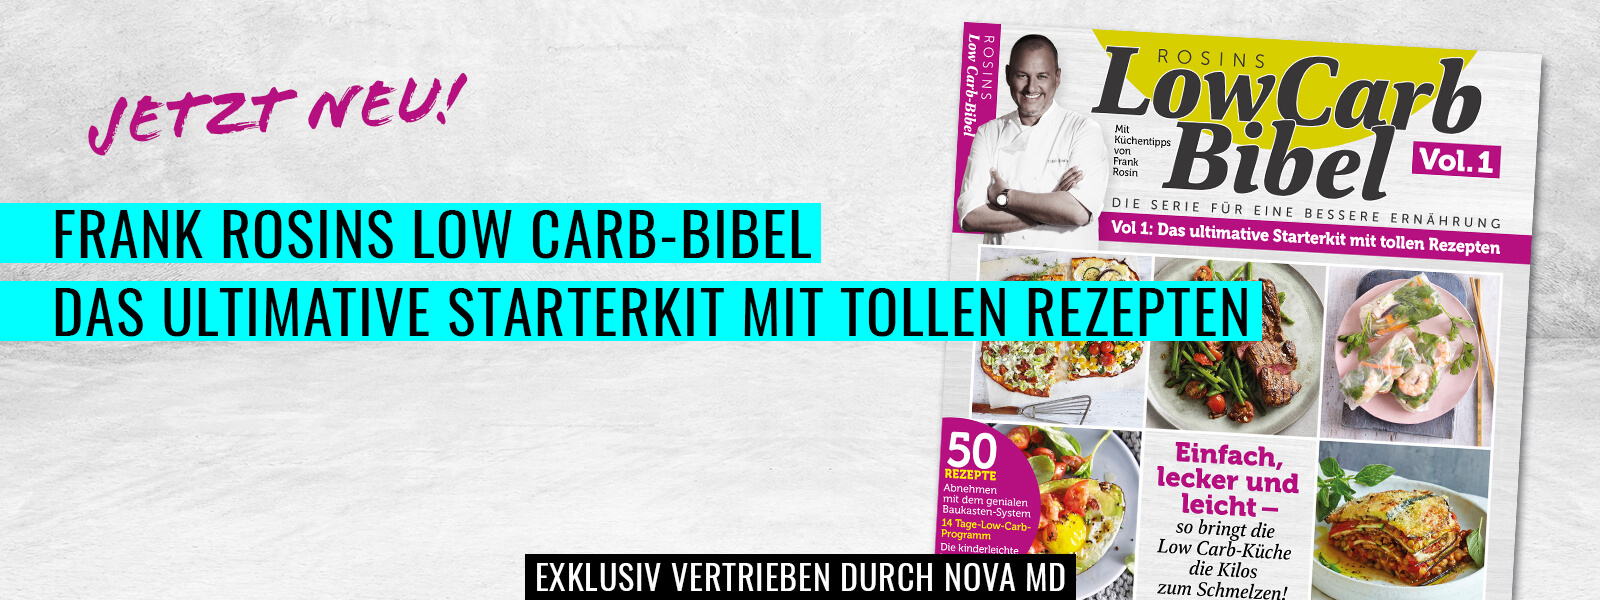 Frank Rosins Low Carb Bibel